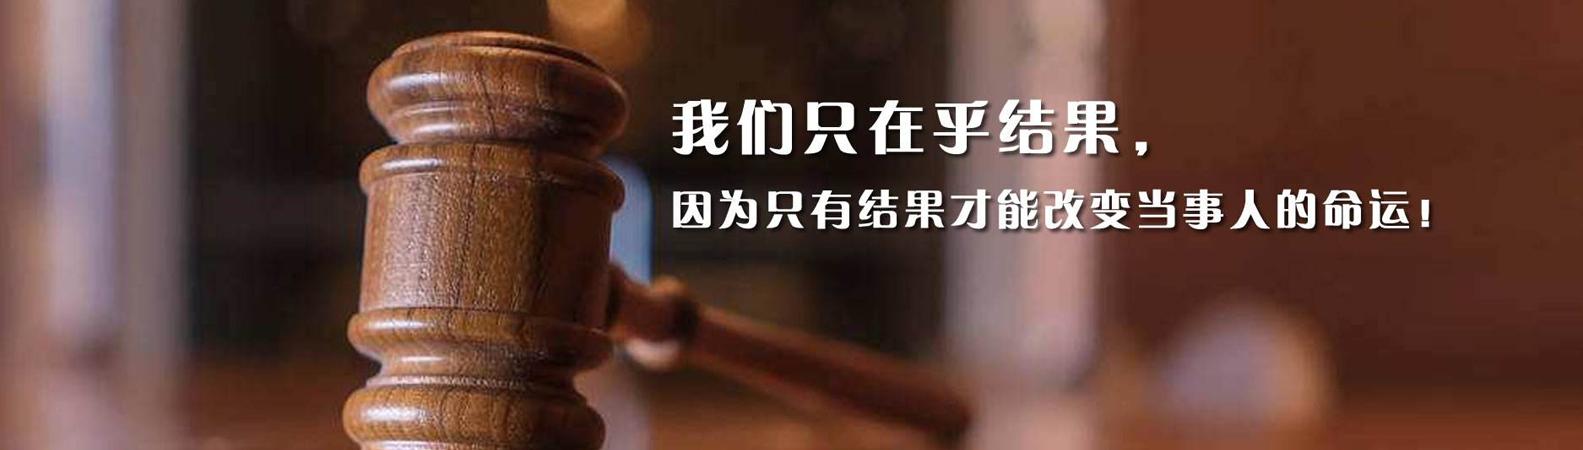 北京著名婚姻家庭律师